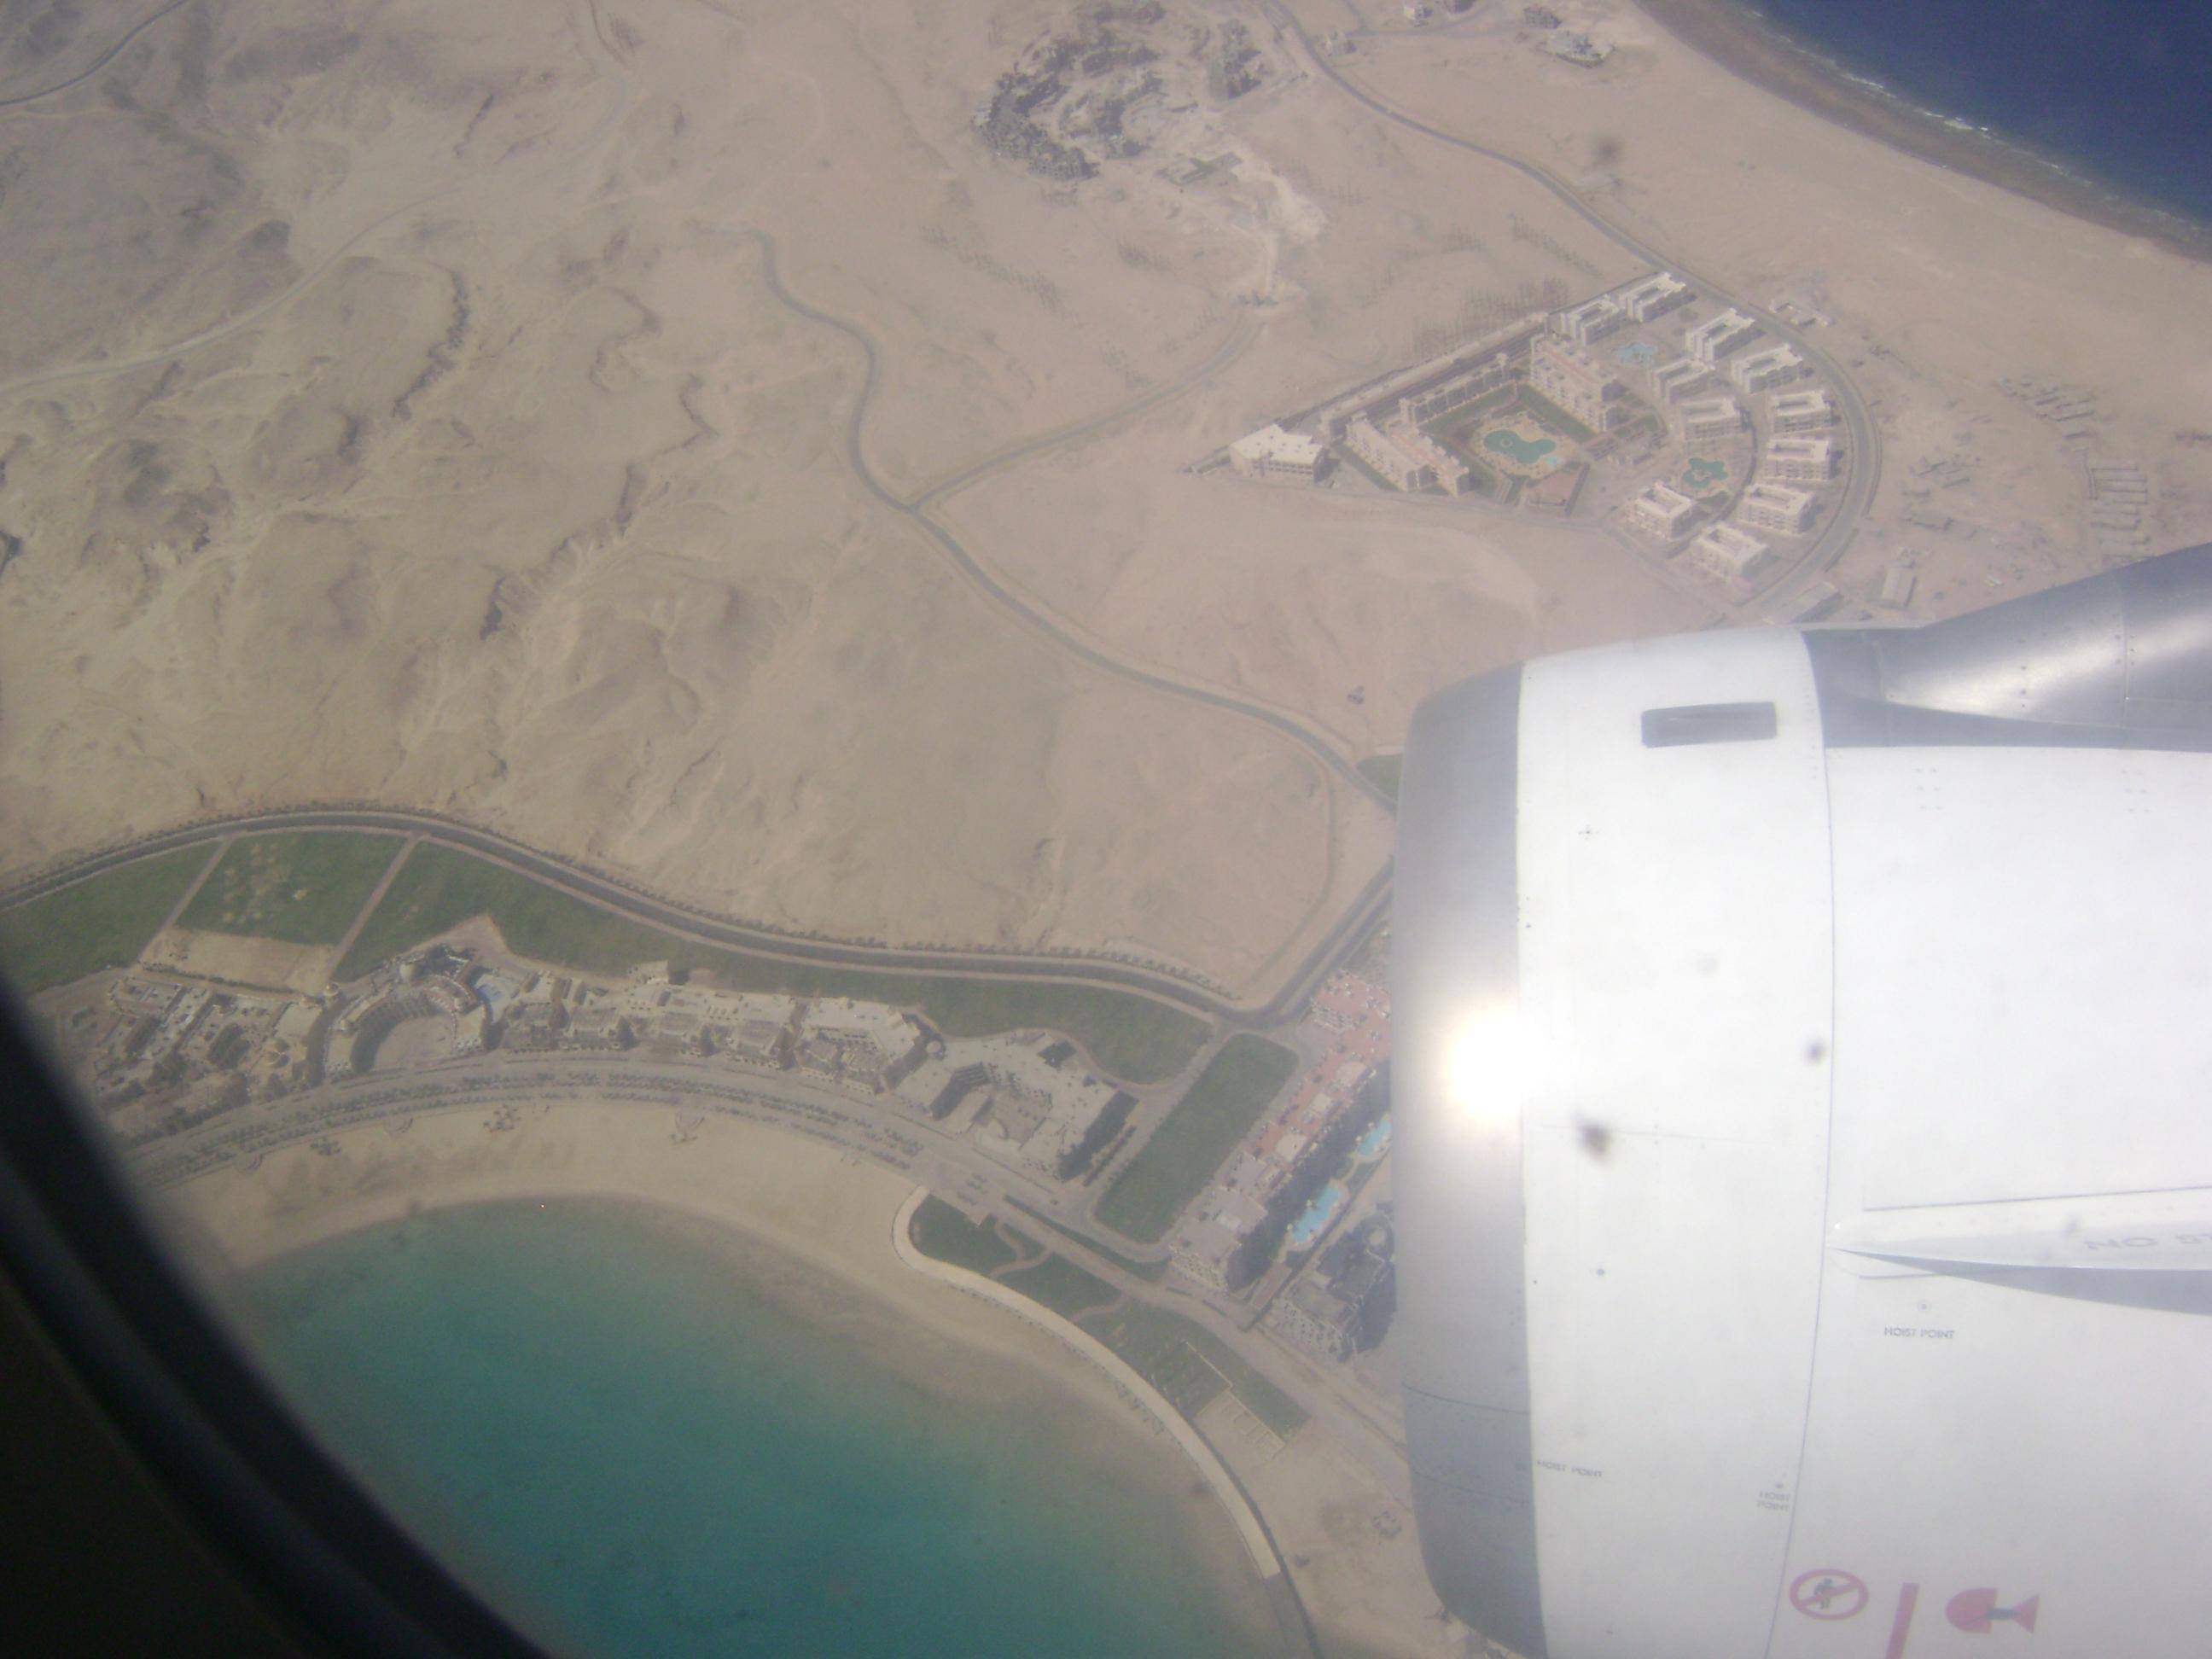 Domki z klocków Lego, Hurghada z lotu ptaka.